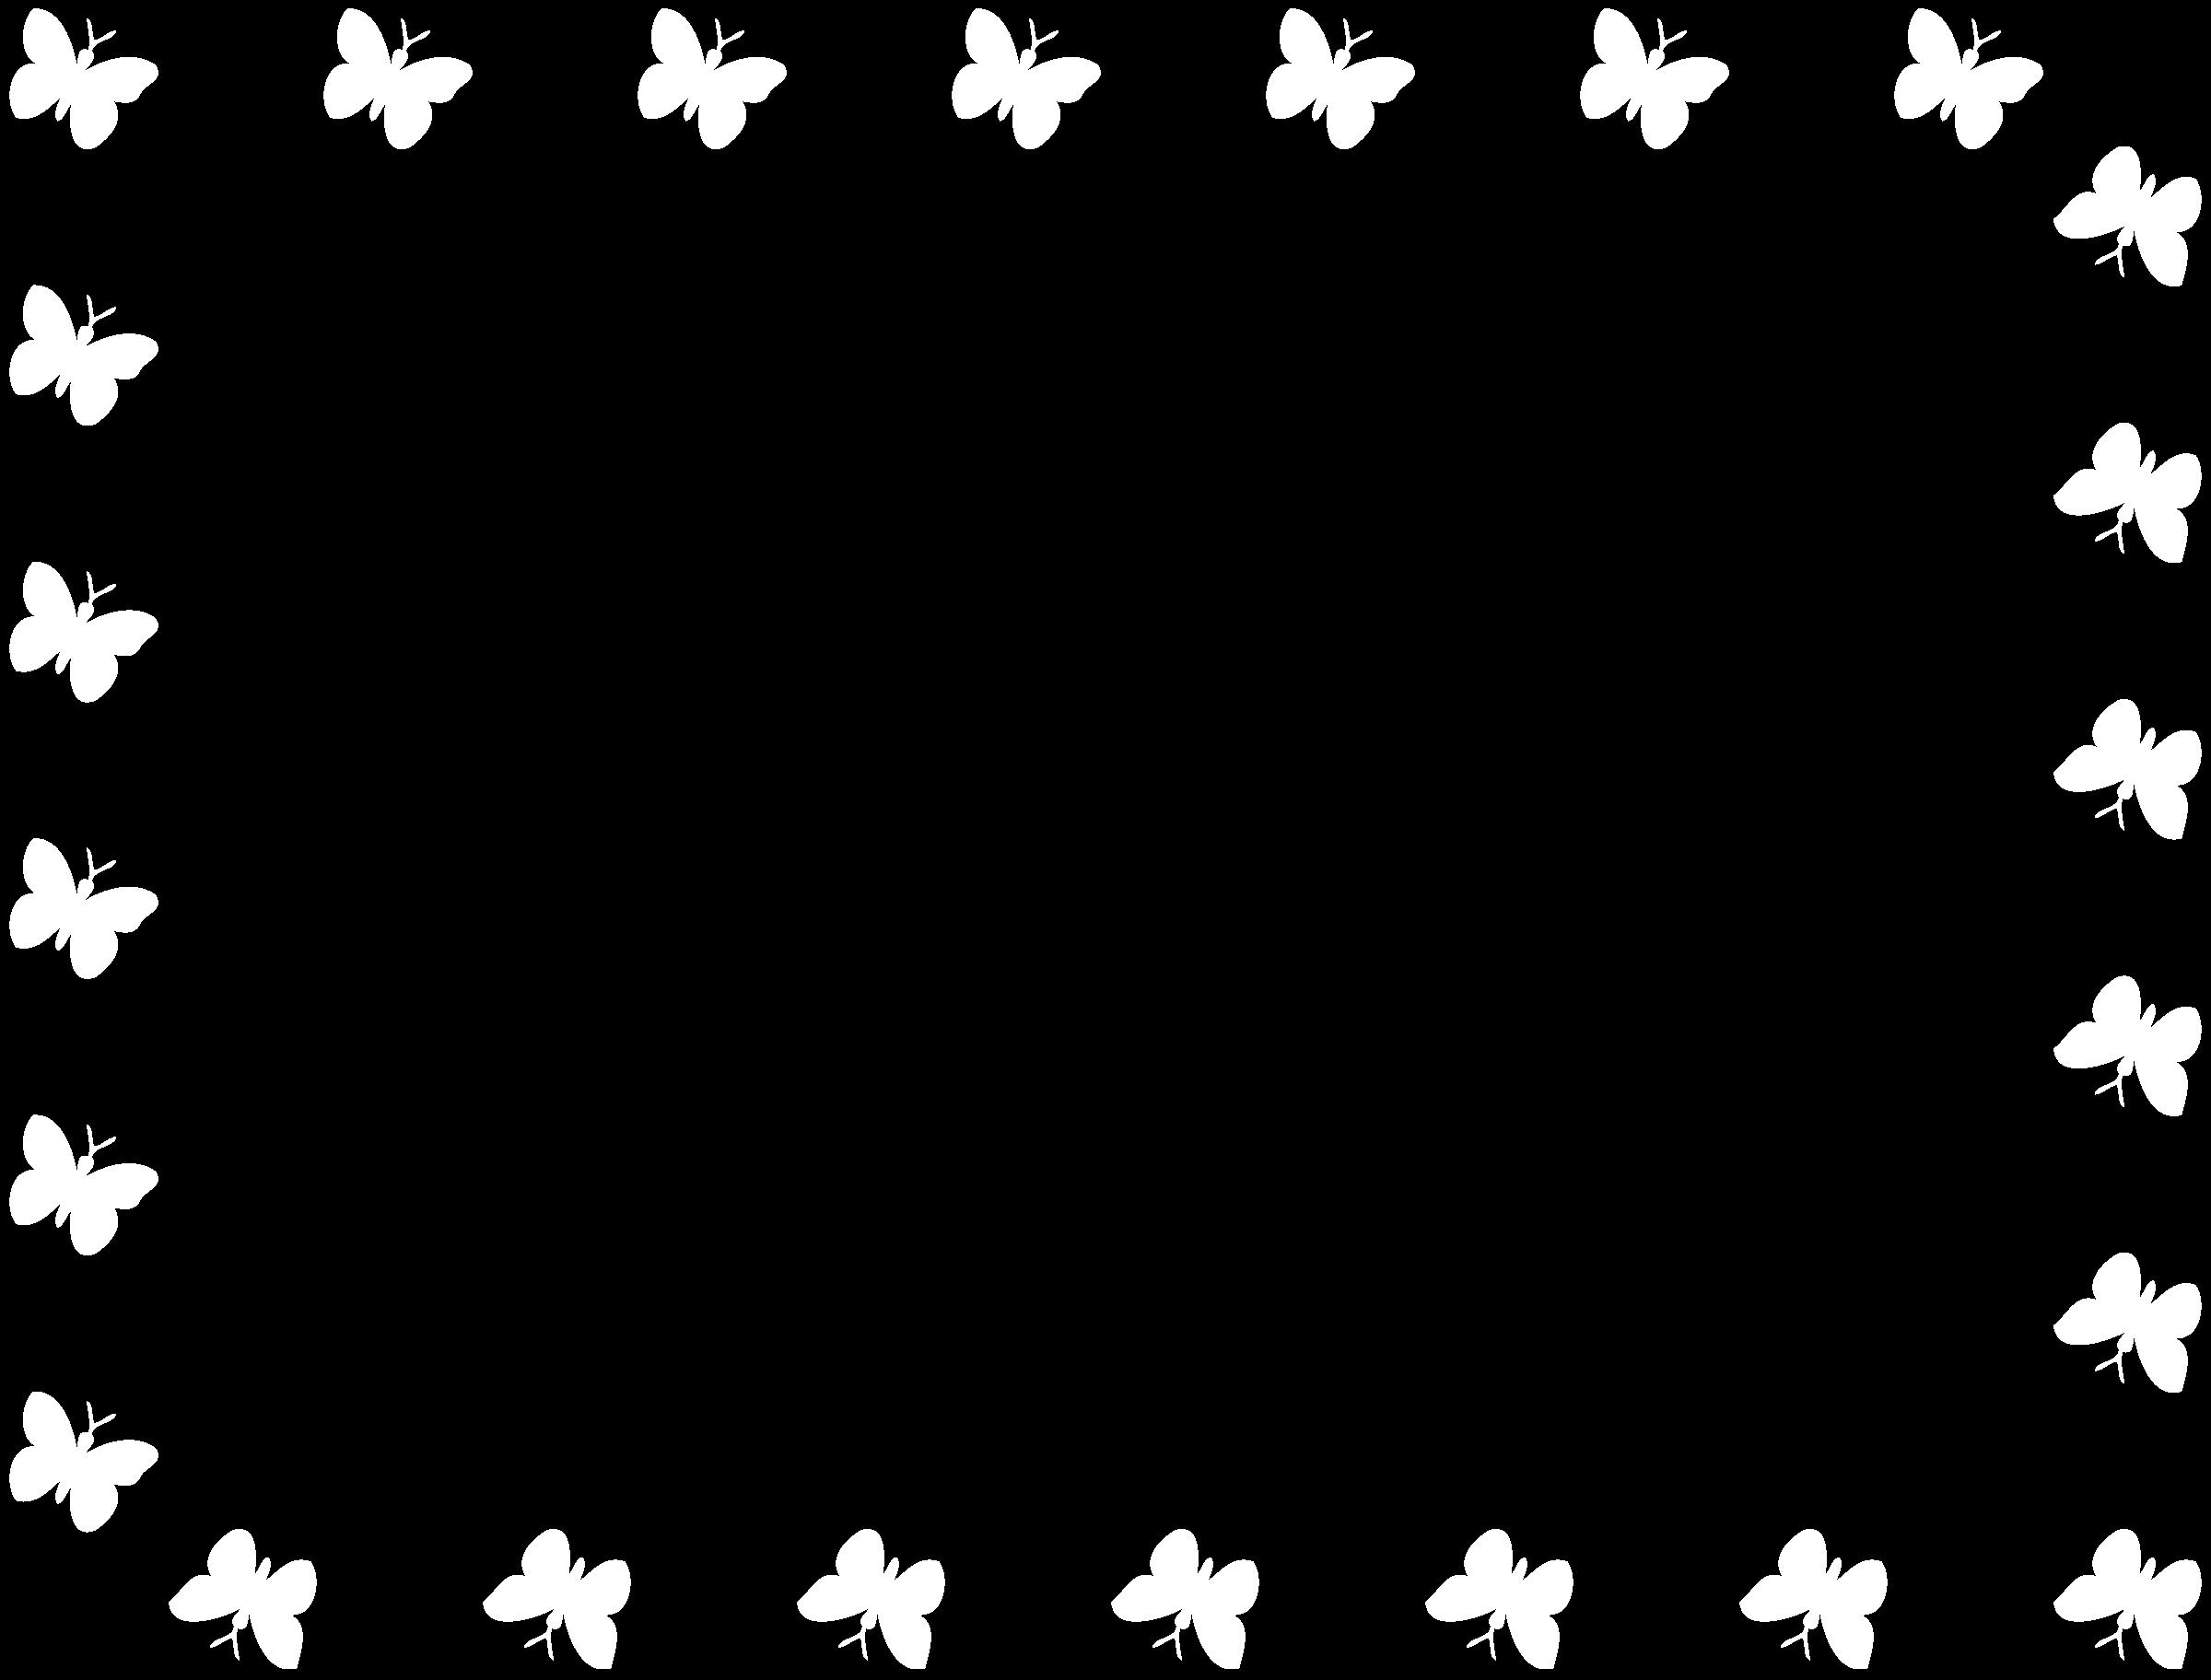 Frame clipart butterfly Butterfly (B&W) frame (B&W) Butterfly